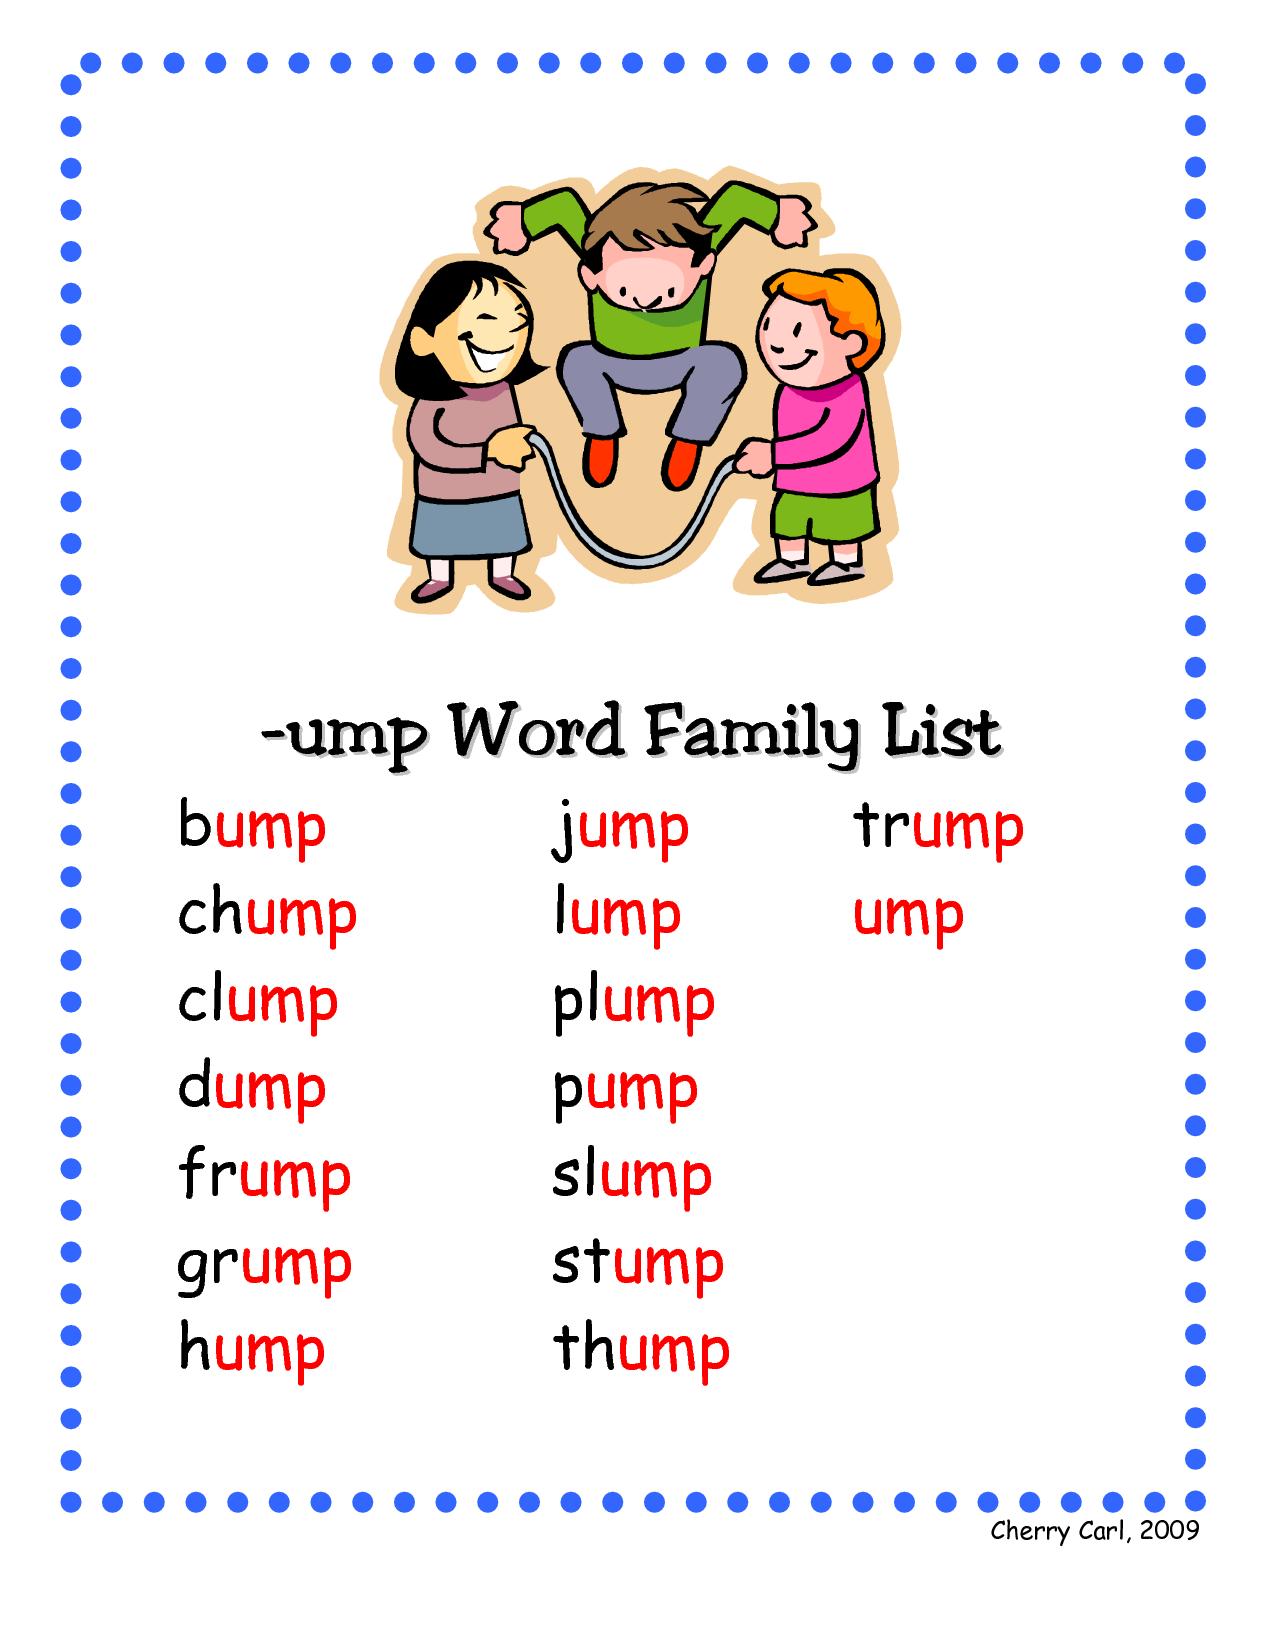 Ump Word Family List